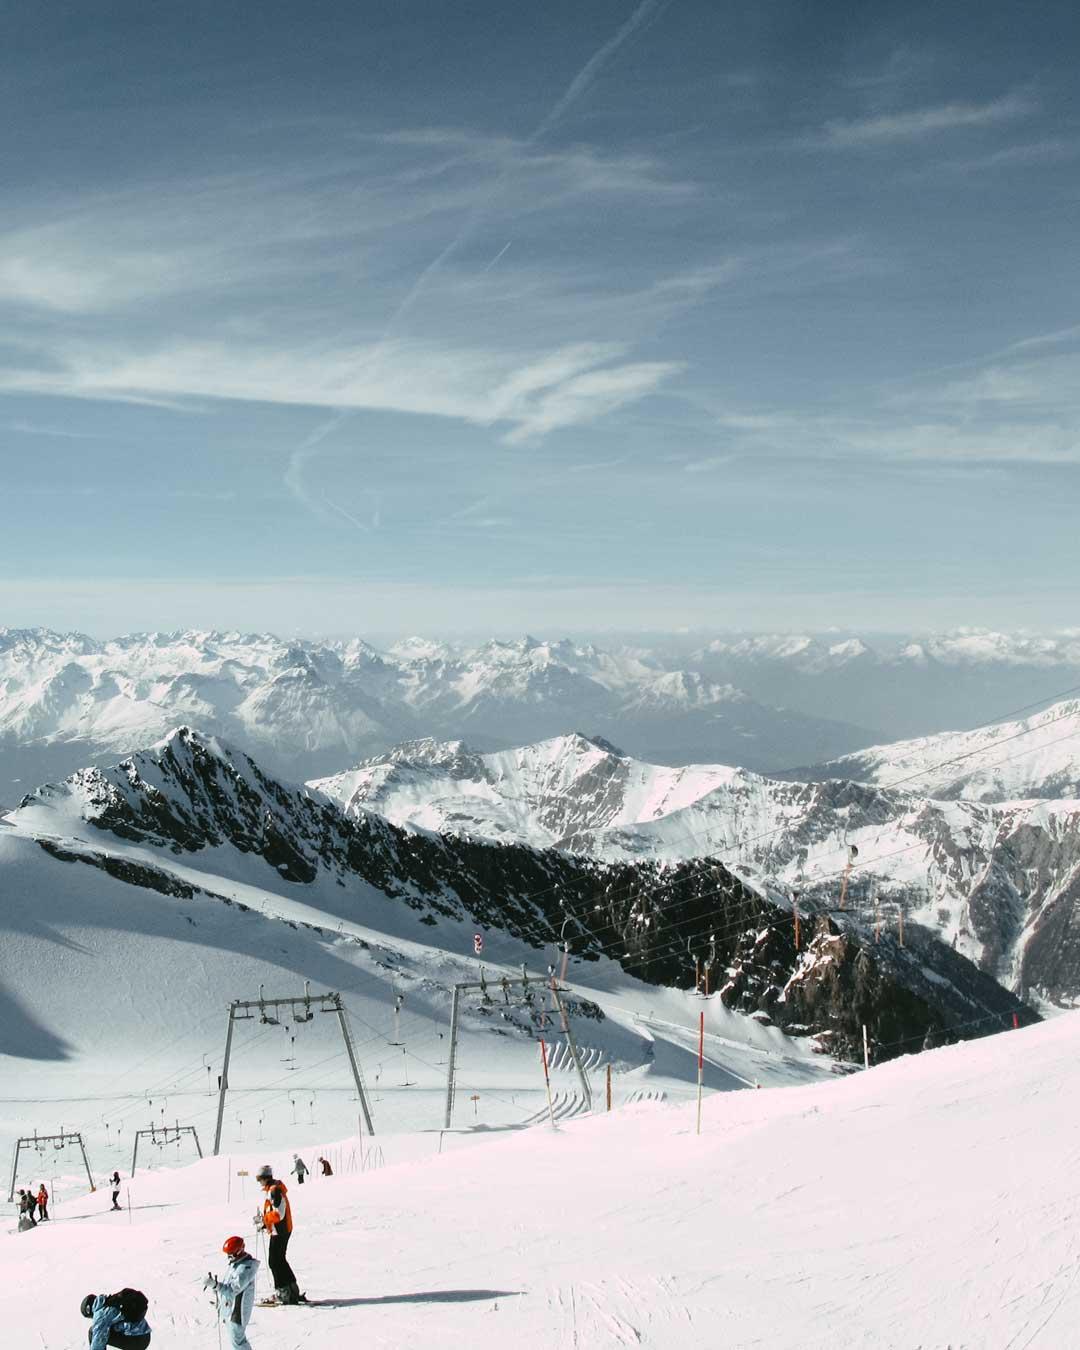 χιονοδρομικά της Αυστρίας travelshare.gr Hintertux